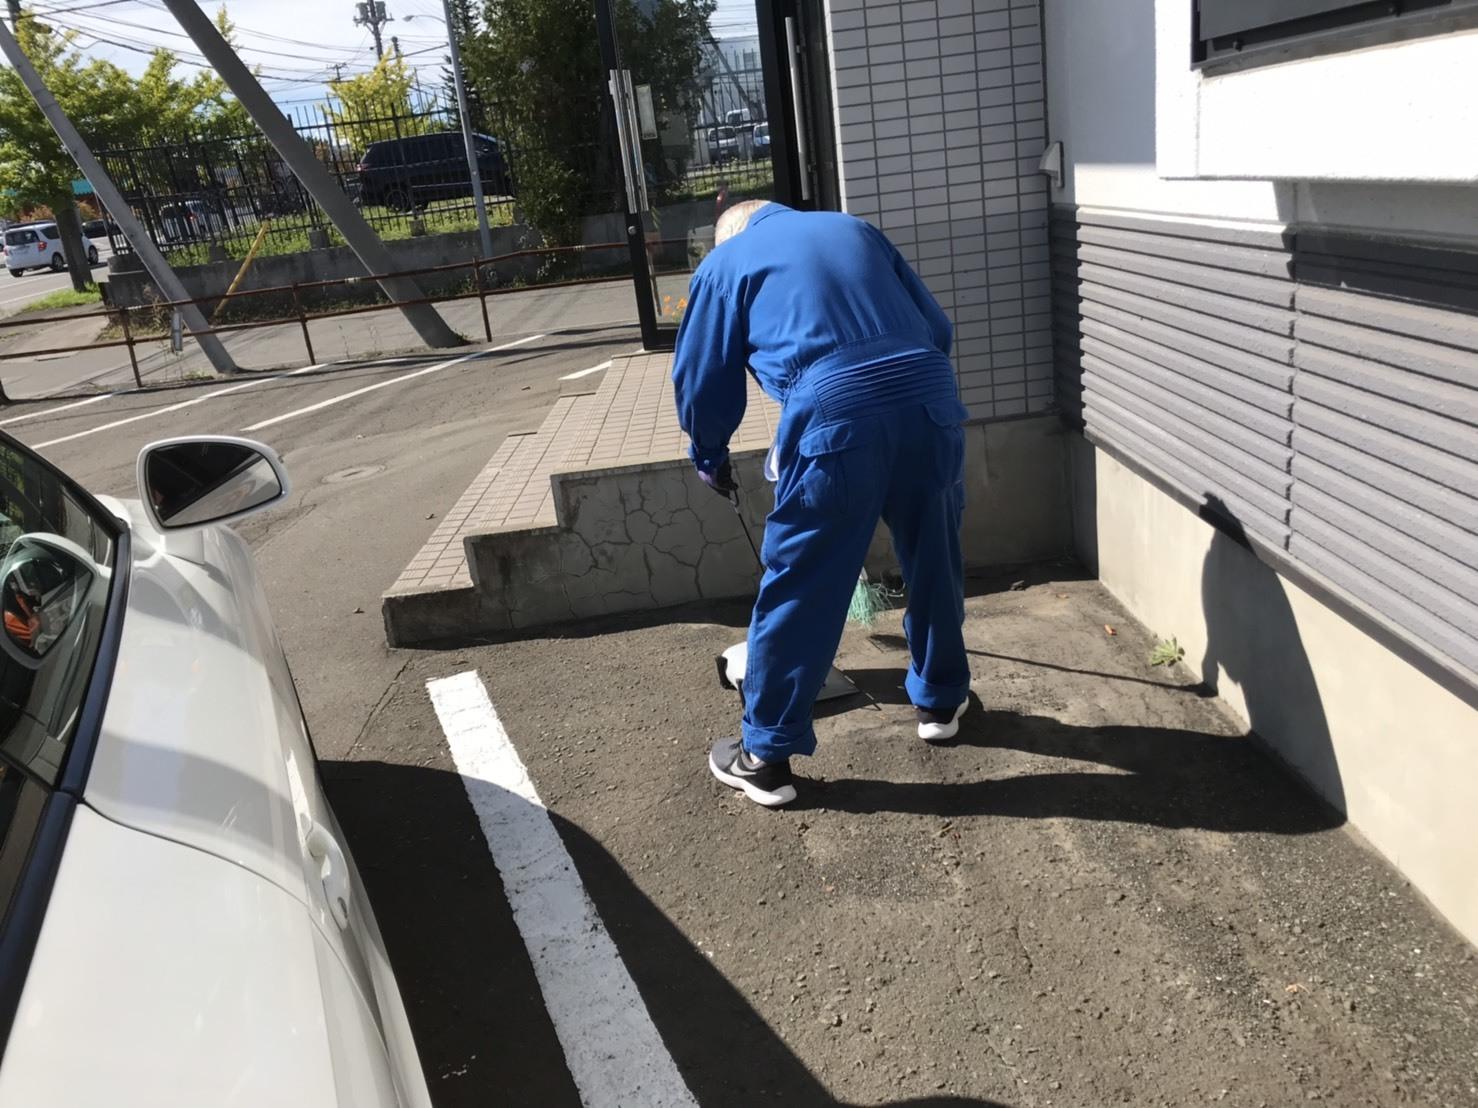 9月21日(土)☆TOMMYアウトレット☆あゆブログ(∩ˊ꒳ˋ∩)・*_b0127002_16302609.jpg